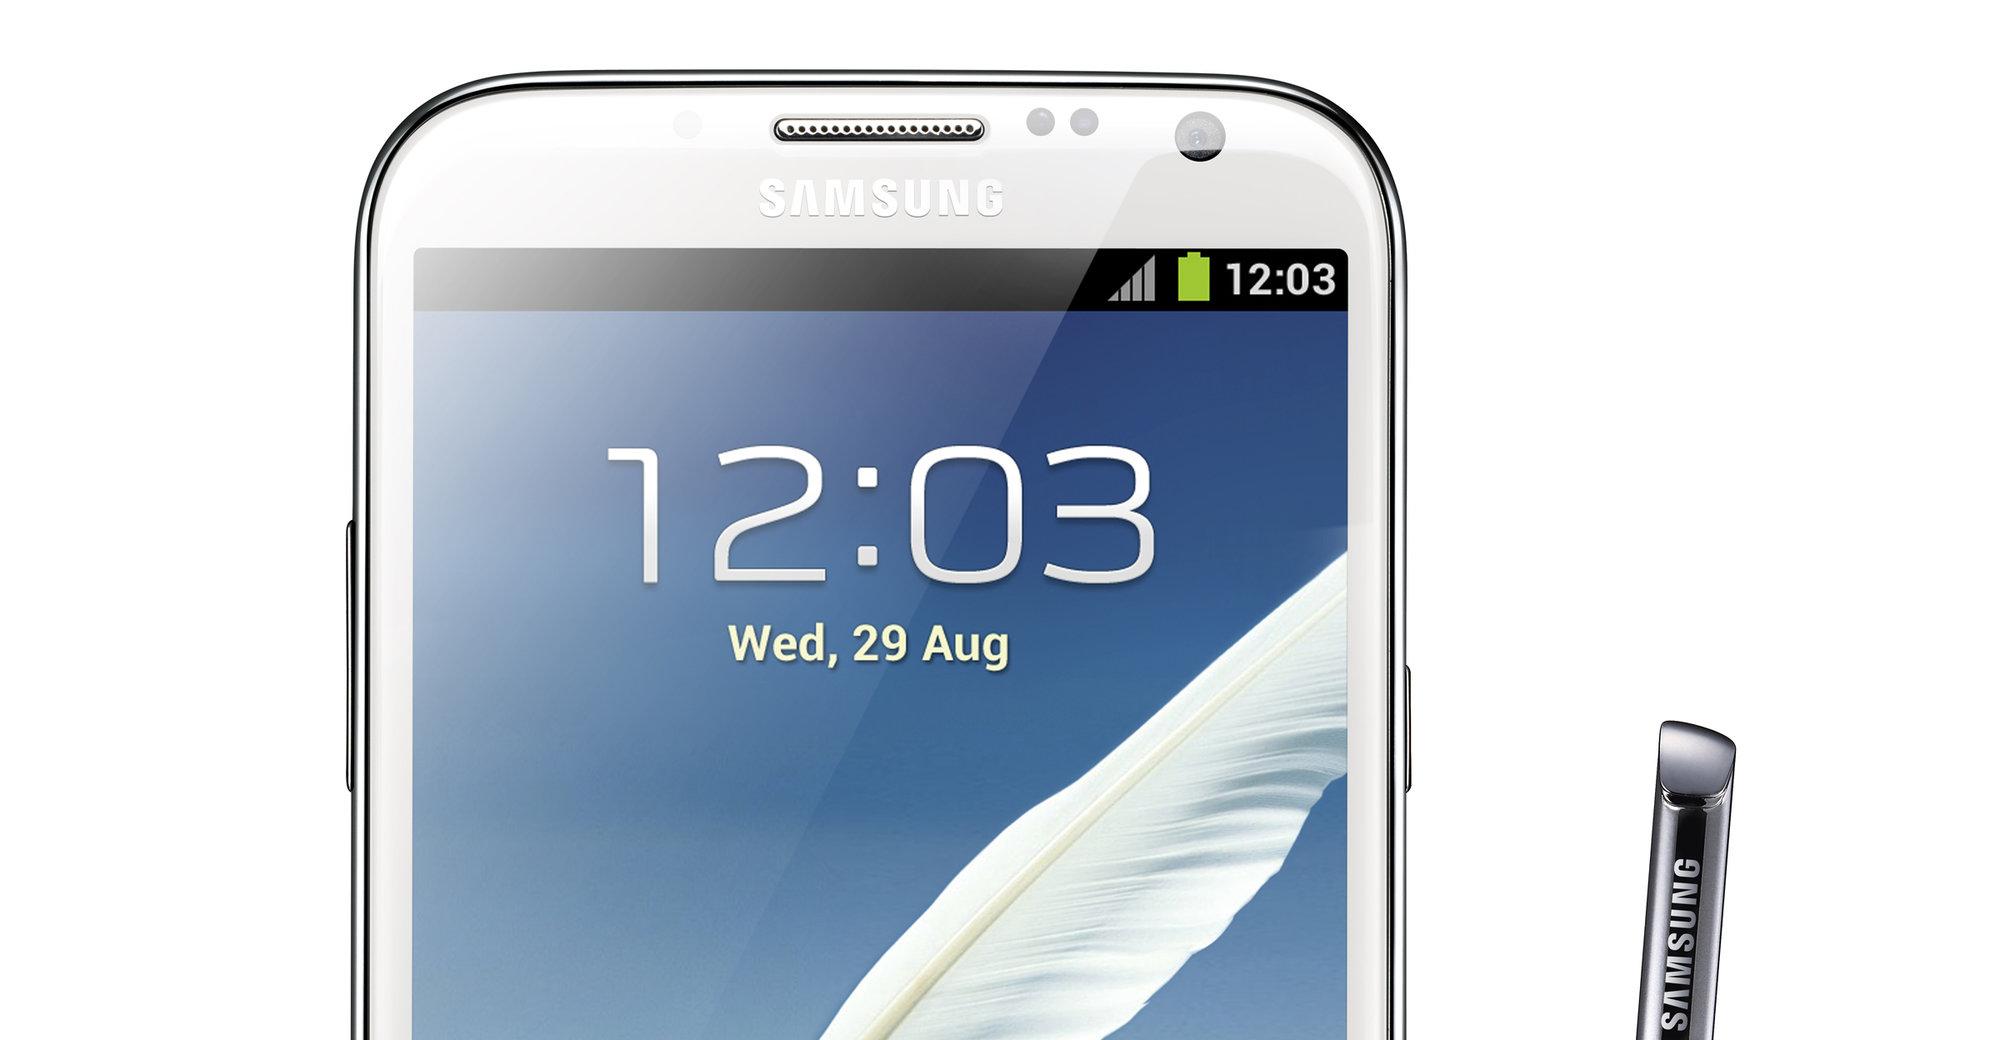 """Galaxy Note II har en 5.5"""" stor skjerm, og god ytelse. Pris: 5000 kroner."""